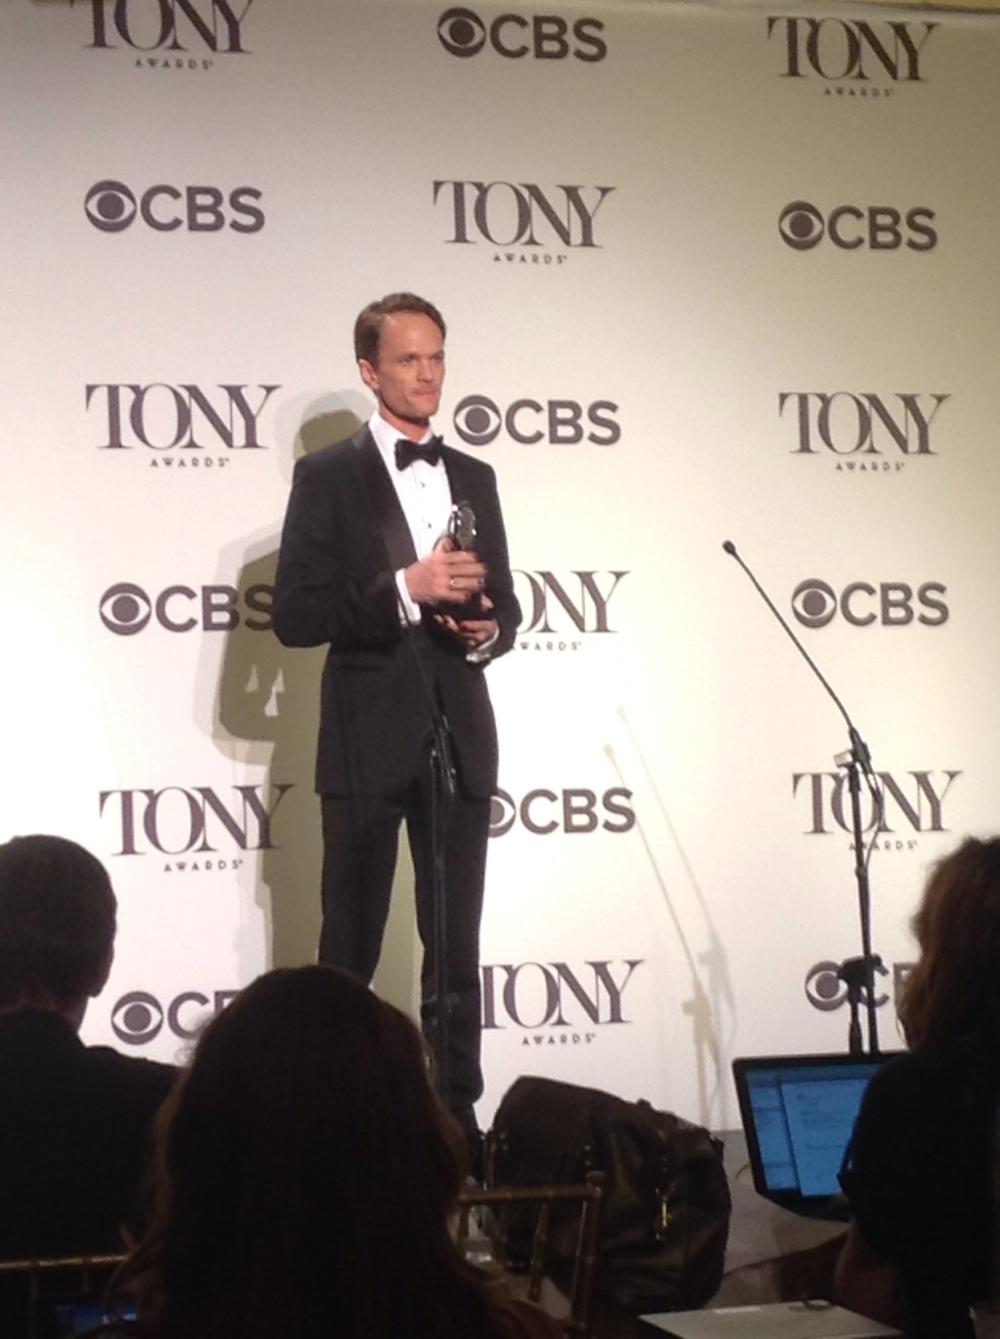 Neil Patrick Harris winning the 2014 Tony Award.